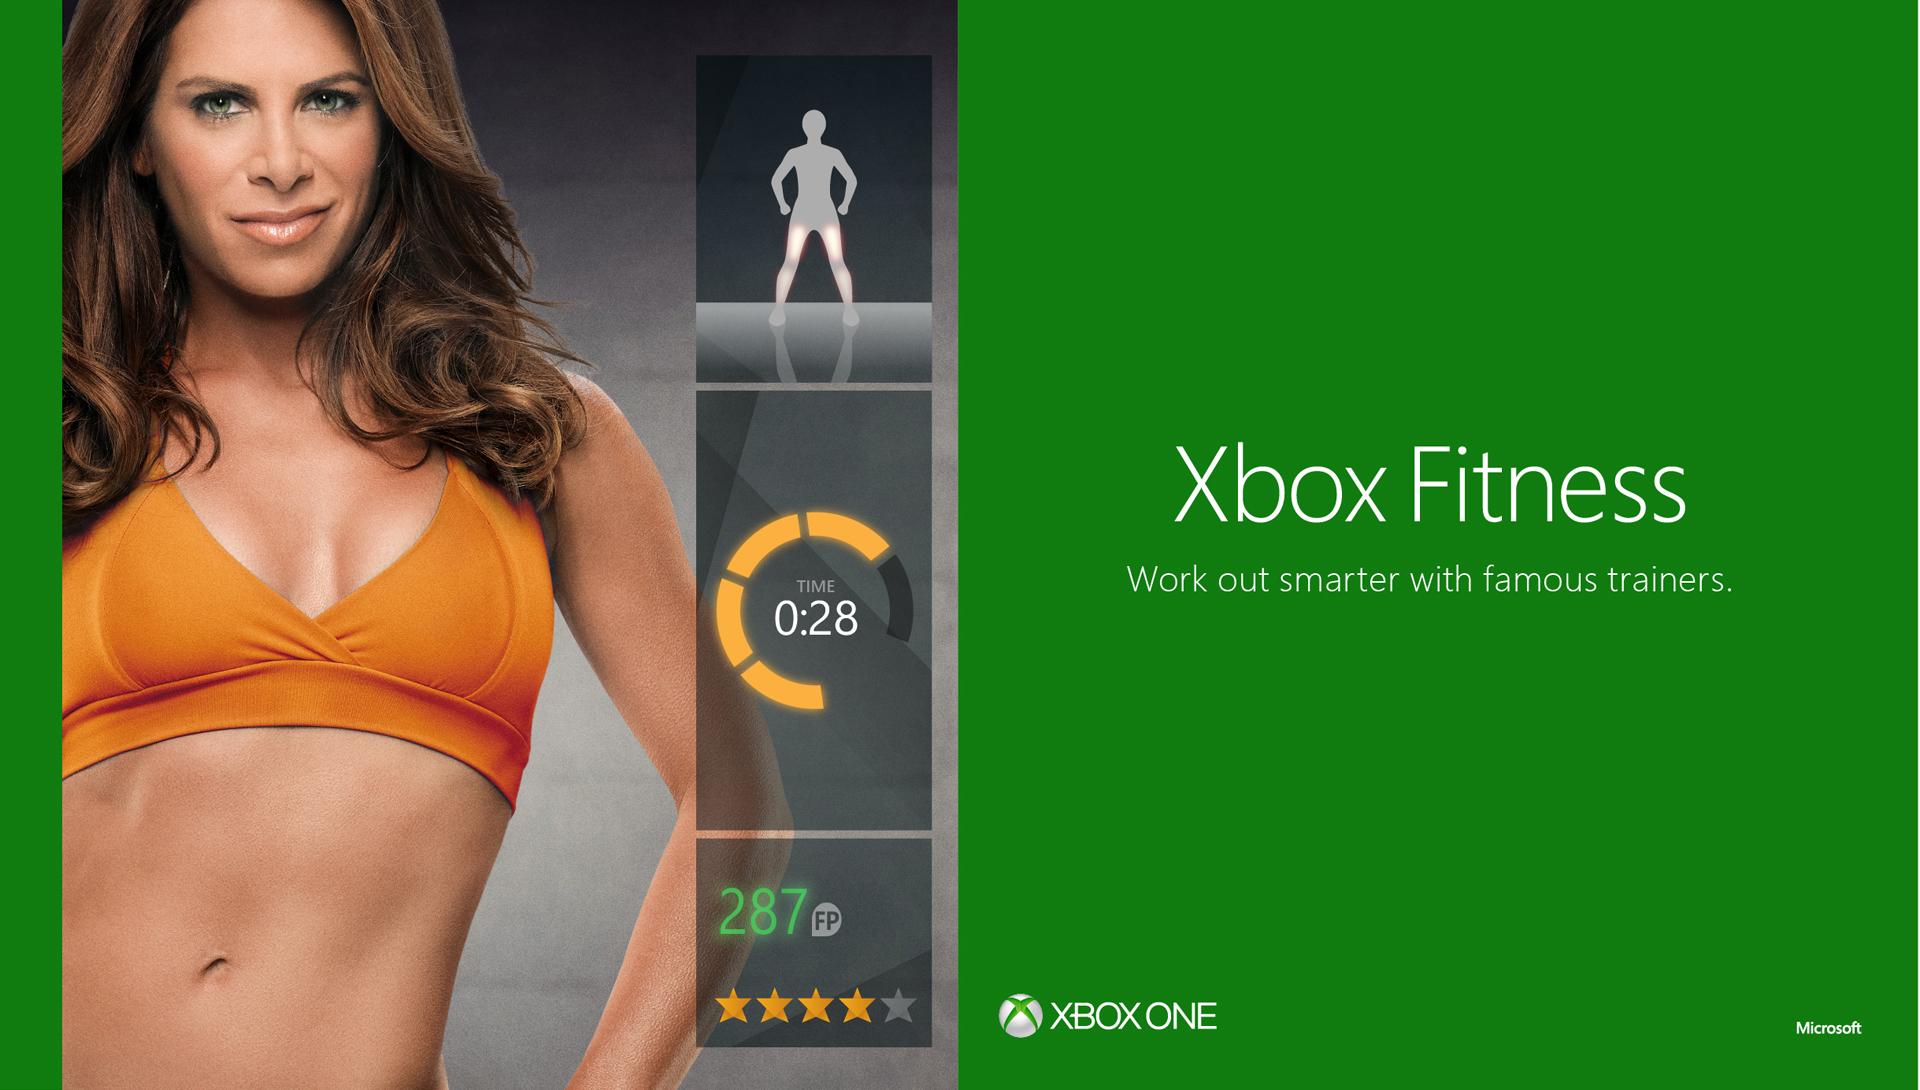 XboxFitness Xbox One Div 007